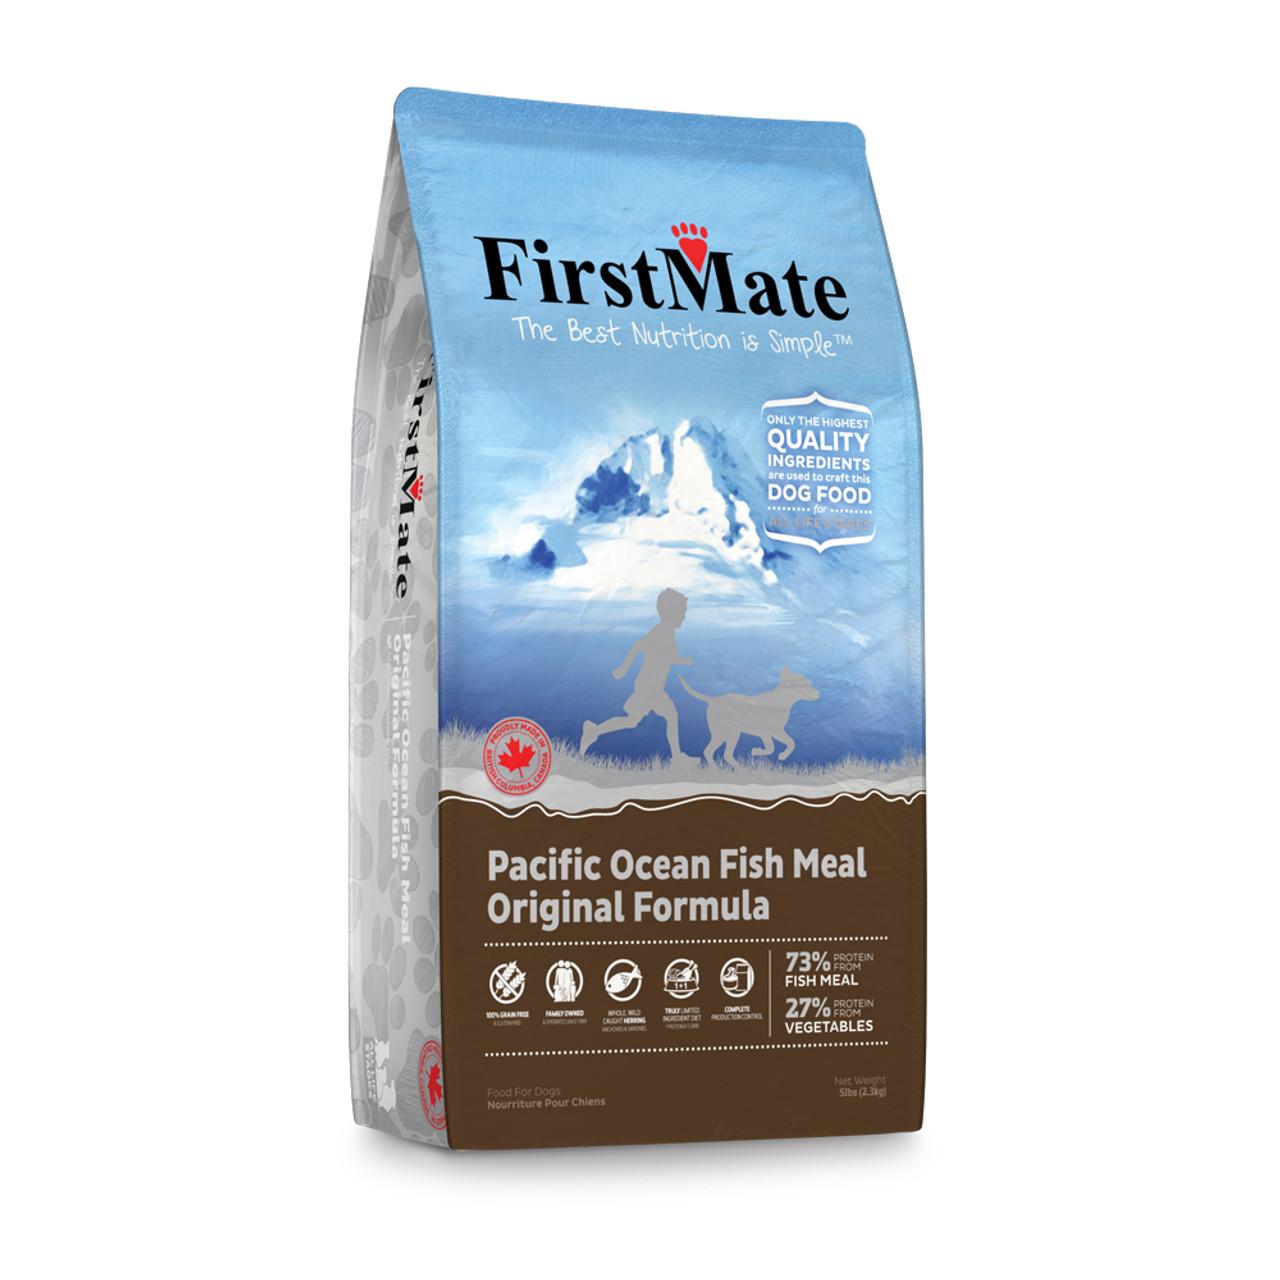 FirstMate Pacific Ocean Fish Meal Original Formula Dry Dog Food